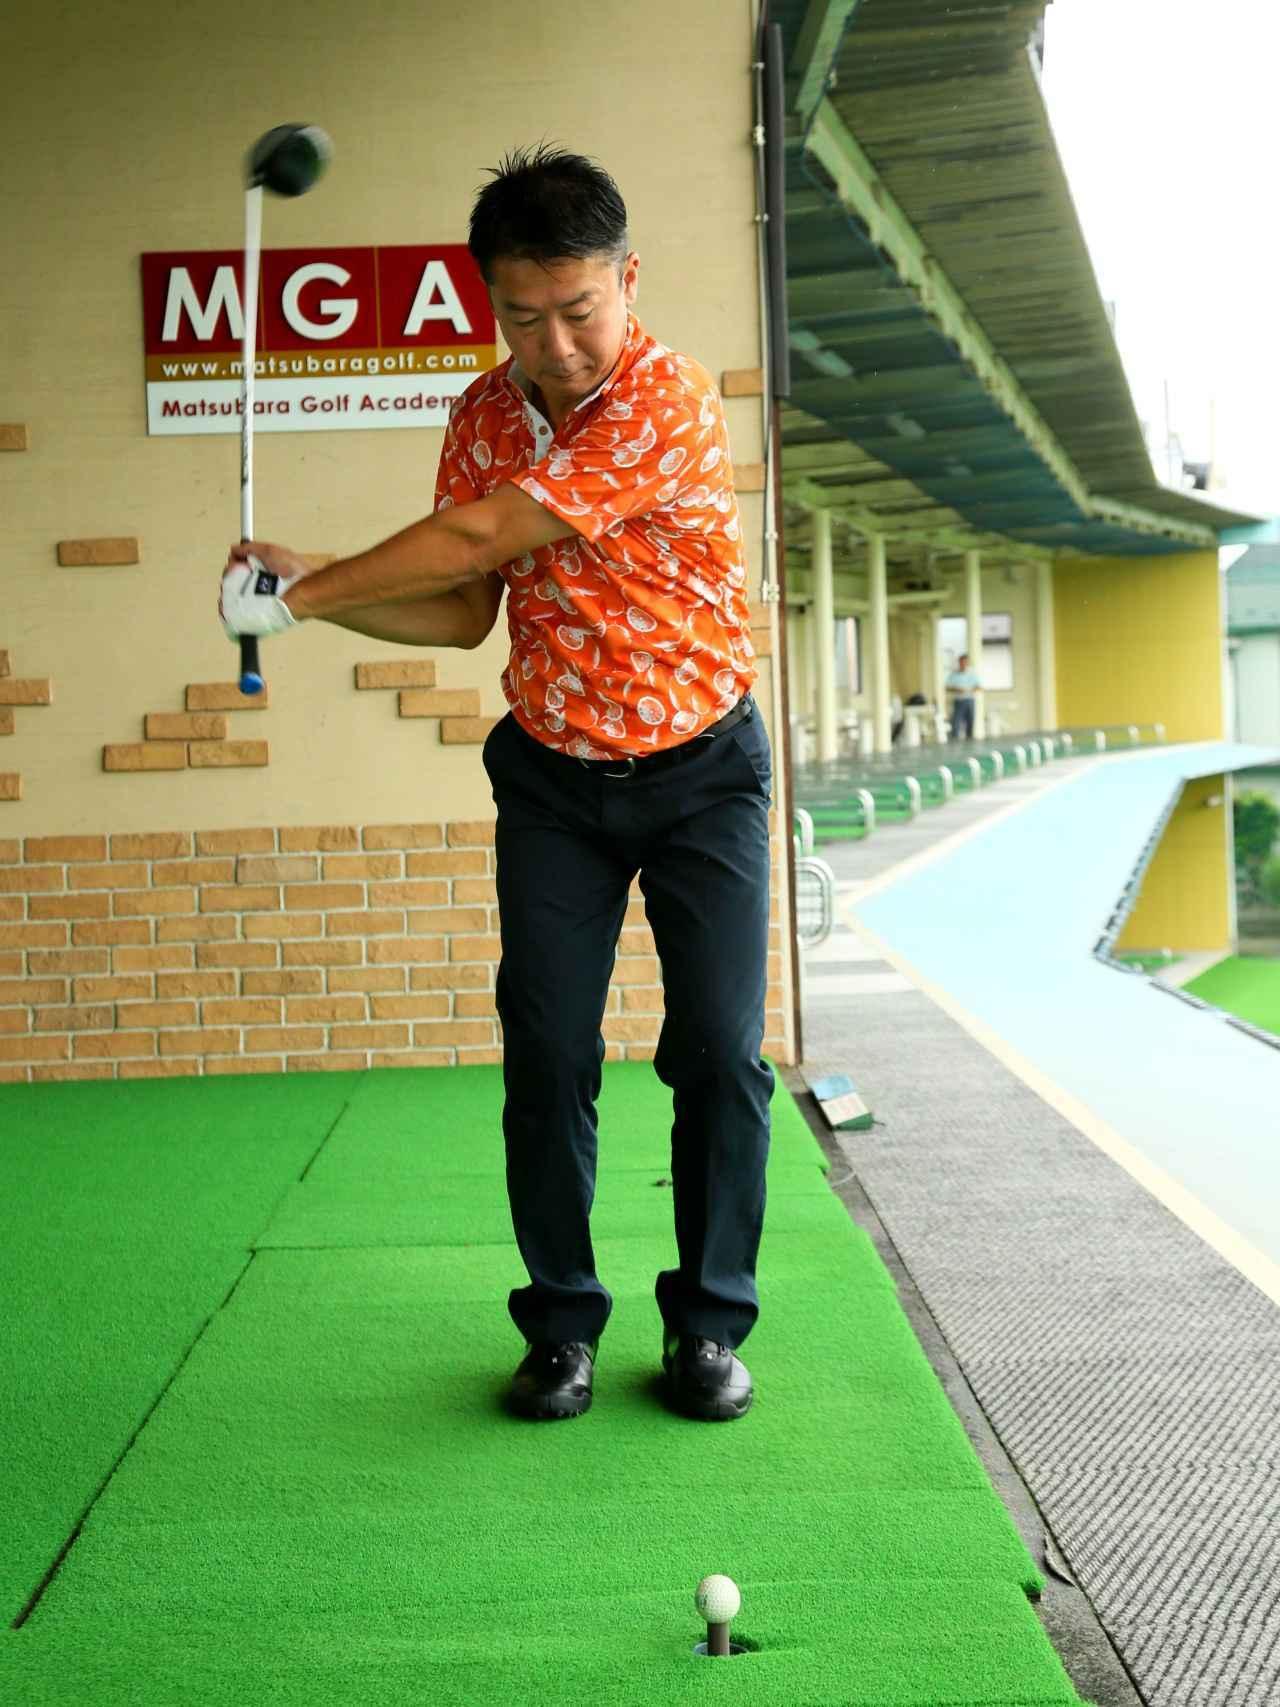 画像4: 【練習方法】プレー前夜、練習場に駆け込んだらコレ! アベレージゴルファーのための「ラウンド前の一夜漬け練習」